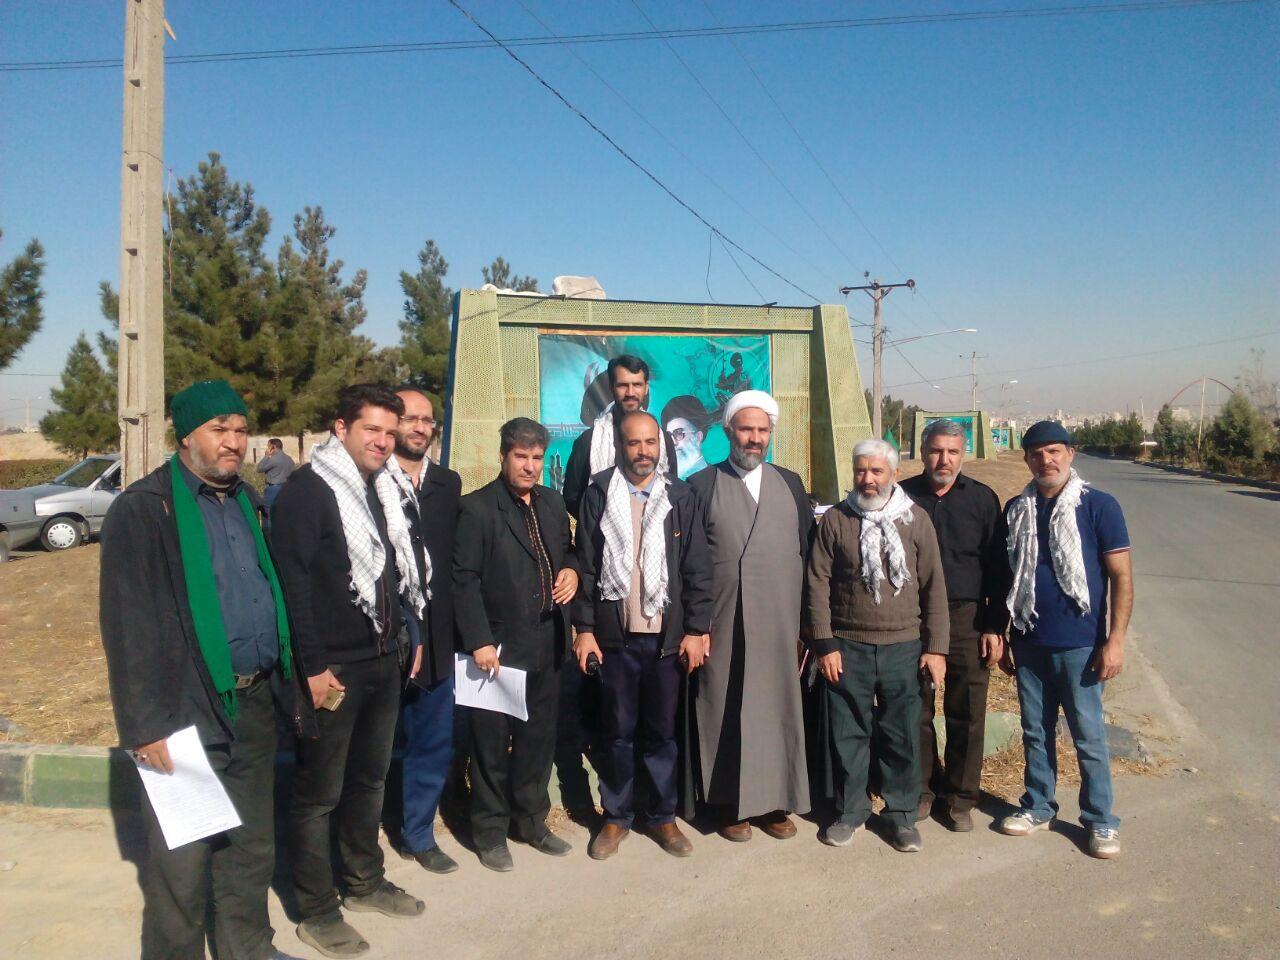 بازدید رئیس کمیسیون فرهنگی از طرح تاکسی صلواتی در مشهد